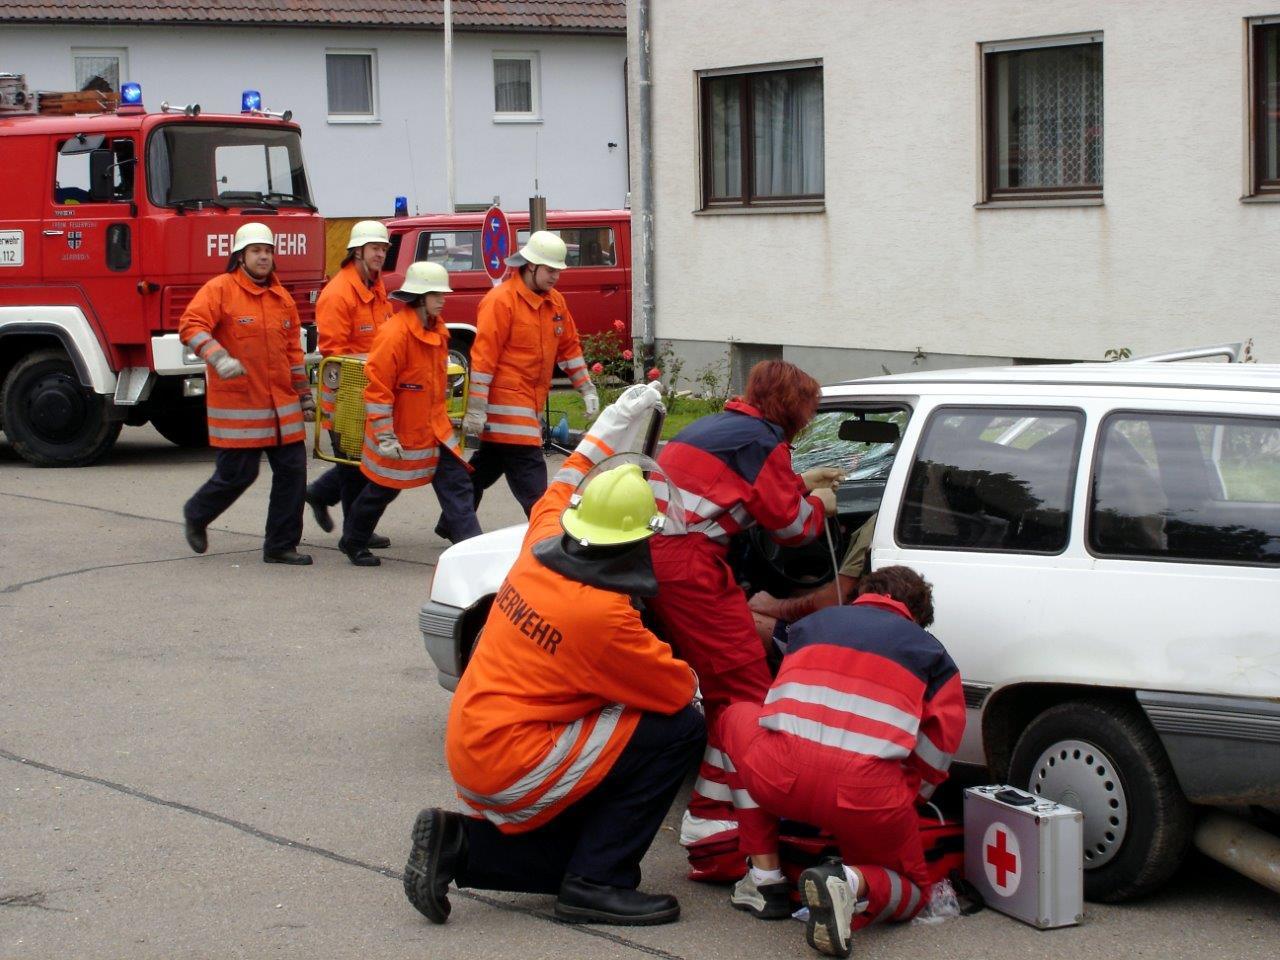 Absprache mit der Feuerwehr über die nächsten Schritte zur Rettung der Verletzen